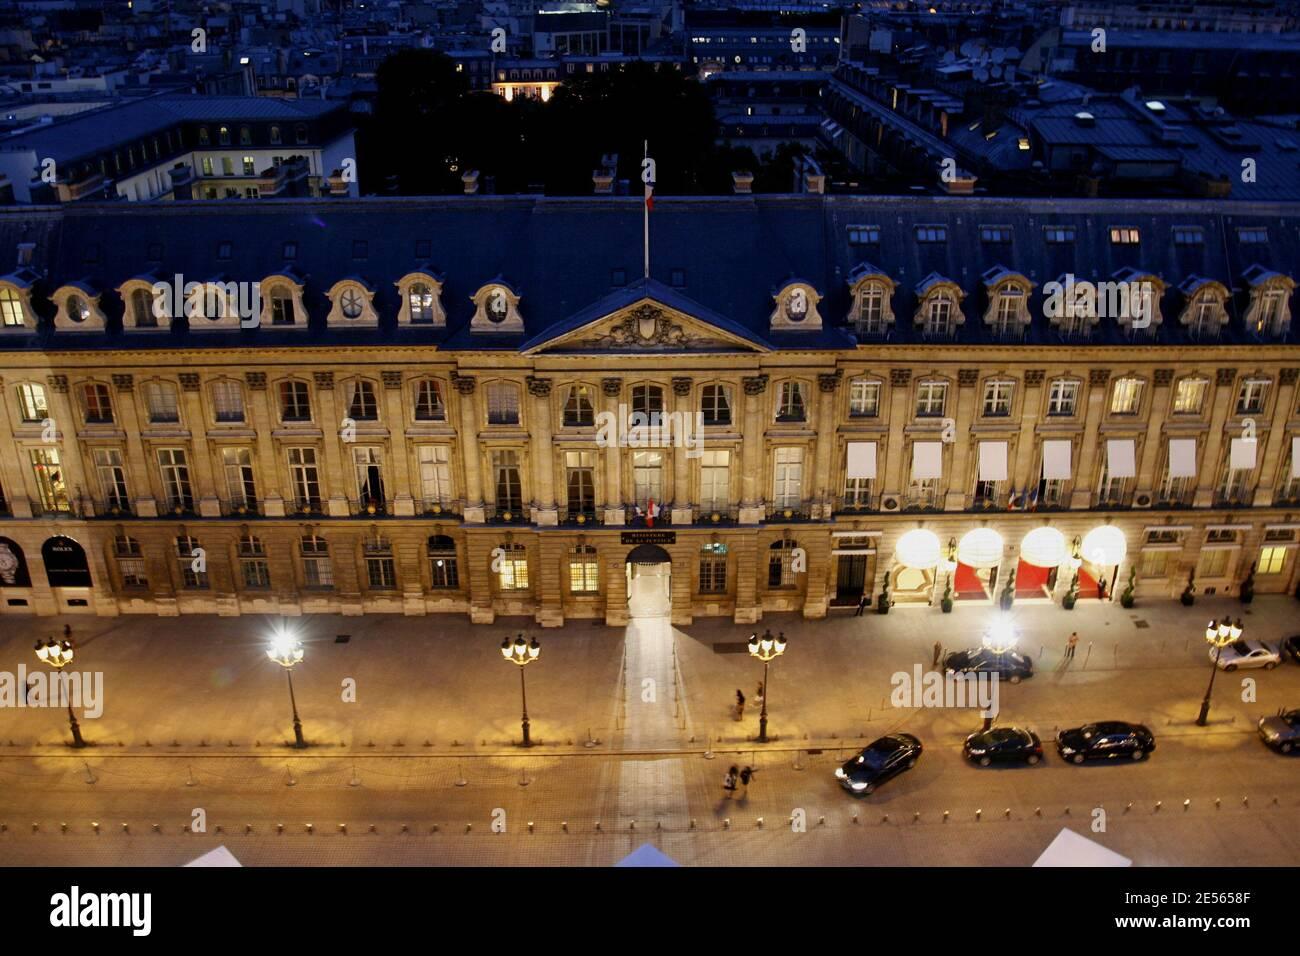 Photo du dossier : Ministerie de Justice et du Palais Ritz vu par la hauteur de la colonne Vendôme à Paris, France, le 4 juillet 2008. Un incendie a frappé le dernier étage de l'hôtel Ritz de Paris, le 19 janvier 2016, qui est actuellement en cours de rénovation. Le feu a éclaté vers 7h00 au dernier étage de l'hôtel cinq étoiles qui se trouve sur la place Vendome, l'une des places les plus prune de la ville. Selon les premiers rapports de BFM TV, l'incendie a éclaté au septième étage de l'hôtel avant de s'étendre rapidement au toit. Certains rapports disent que la plupart du toit a été détruit. Il Banque D'Images